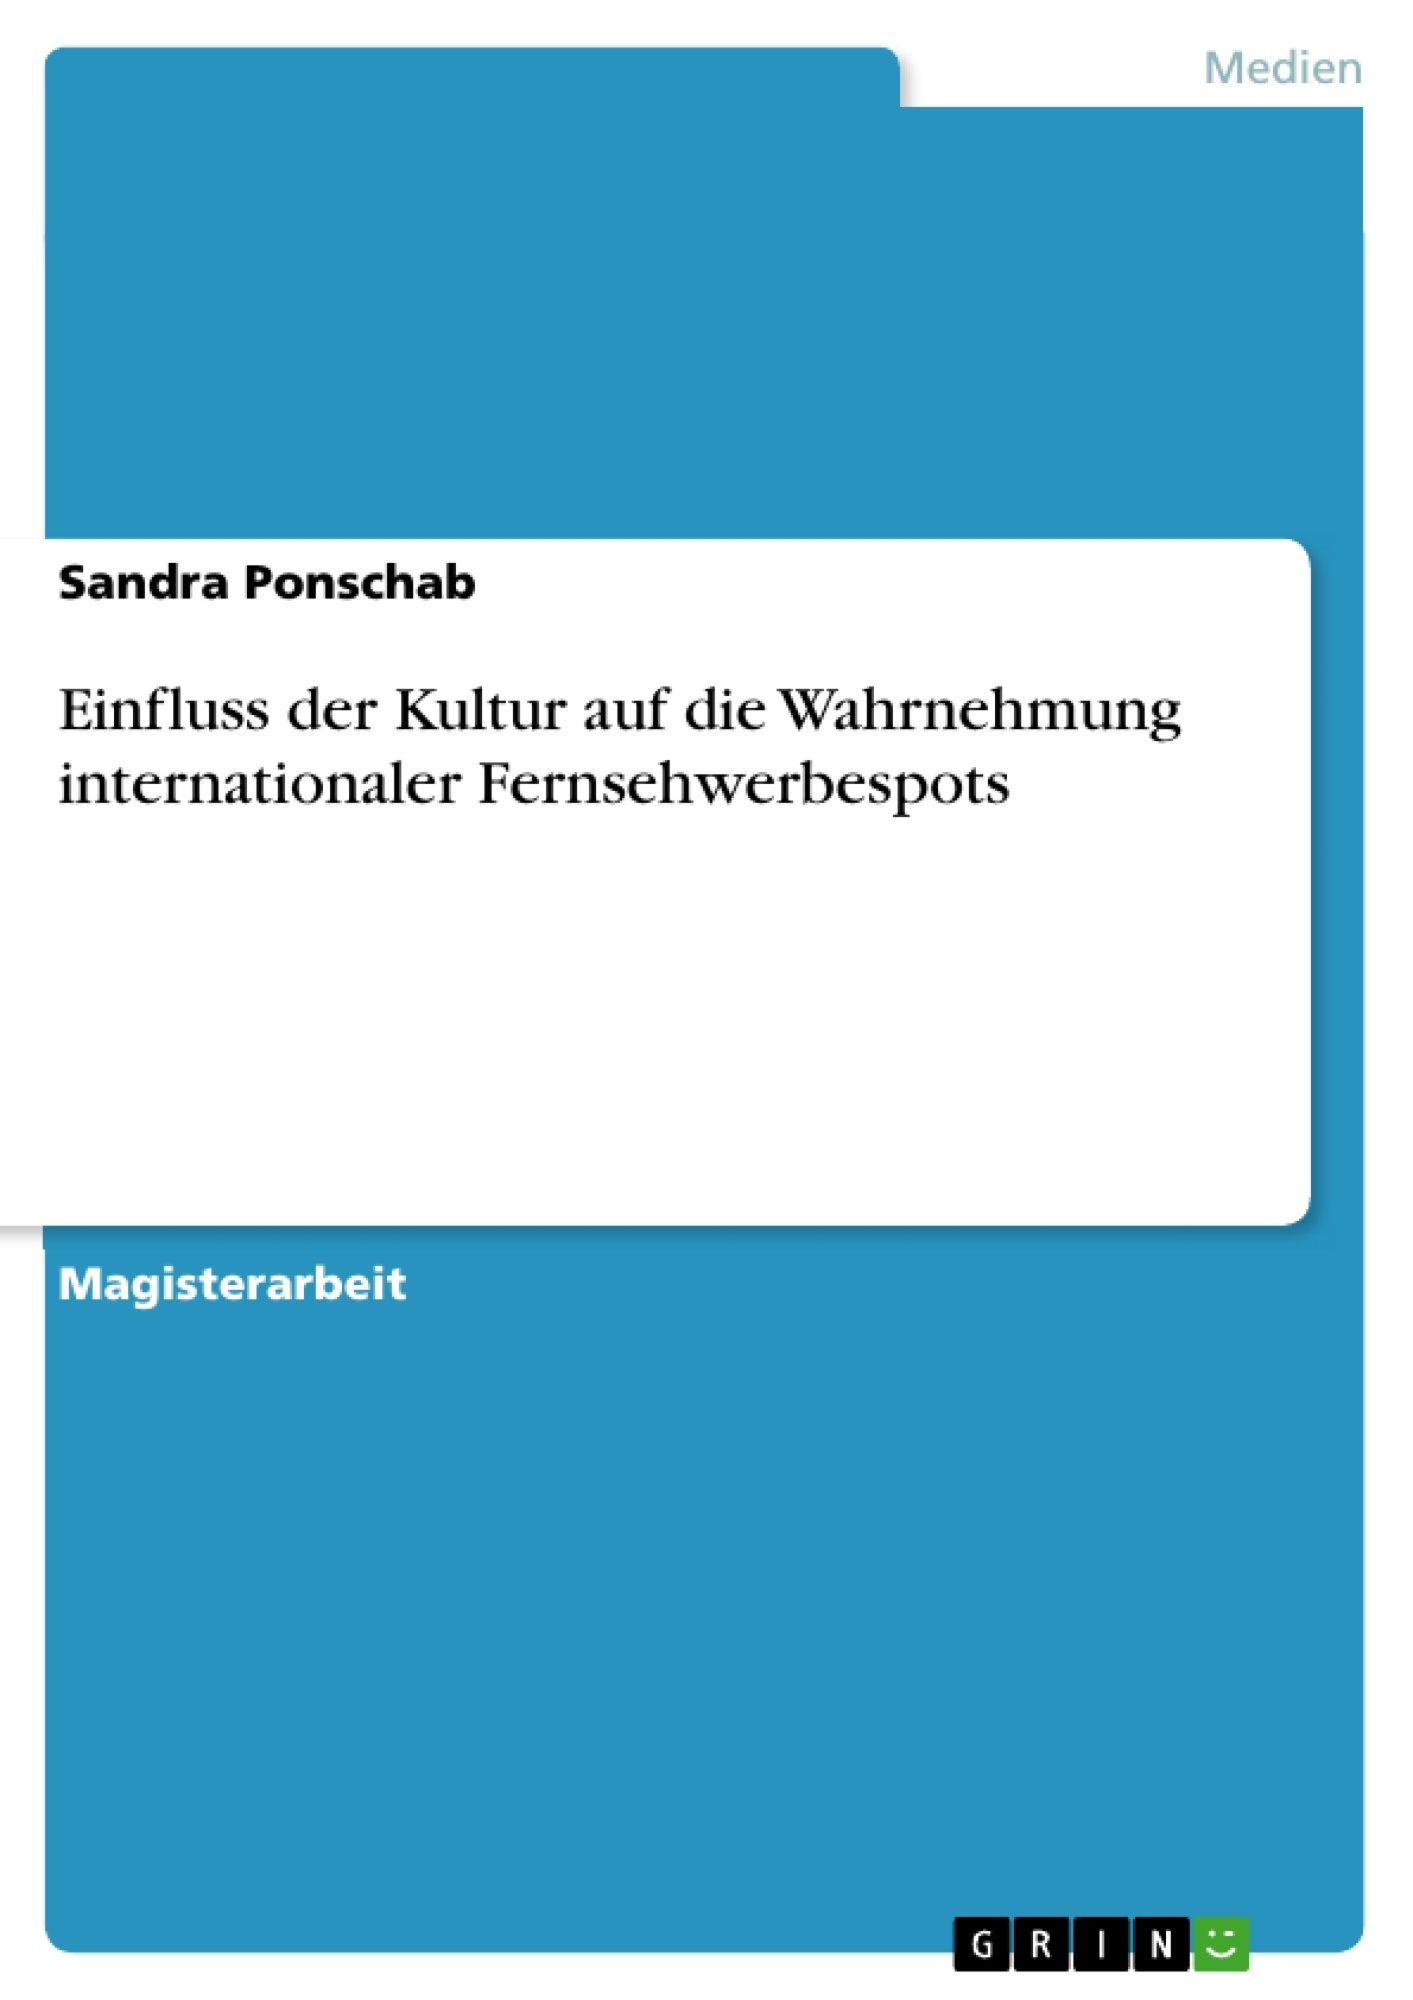 Titel: Einfluss der Kultur auf die Wahrnehmung internationaler Fernsehwerbespots